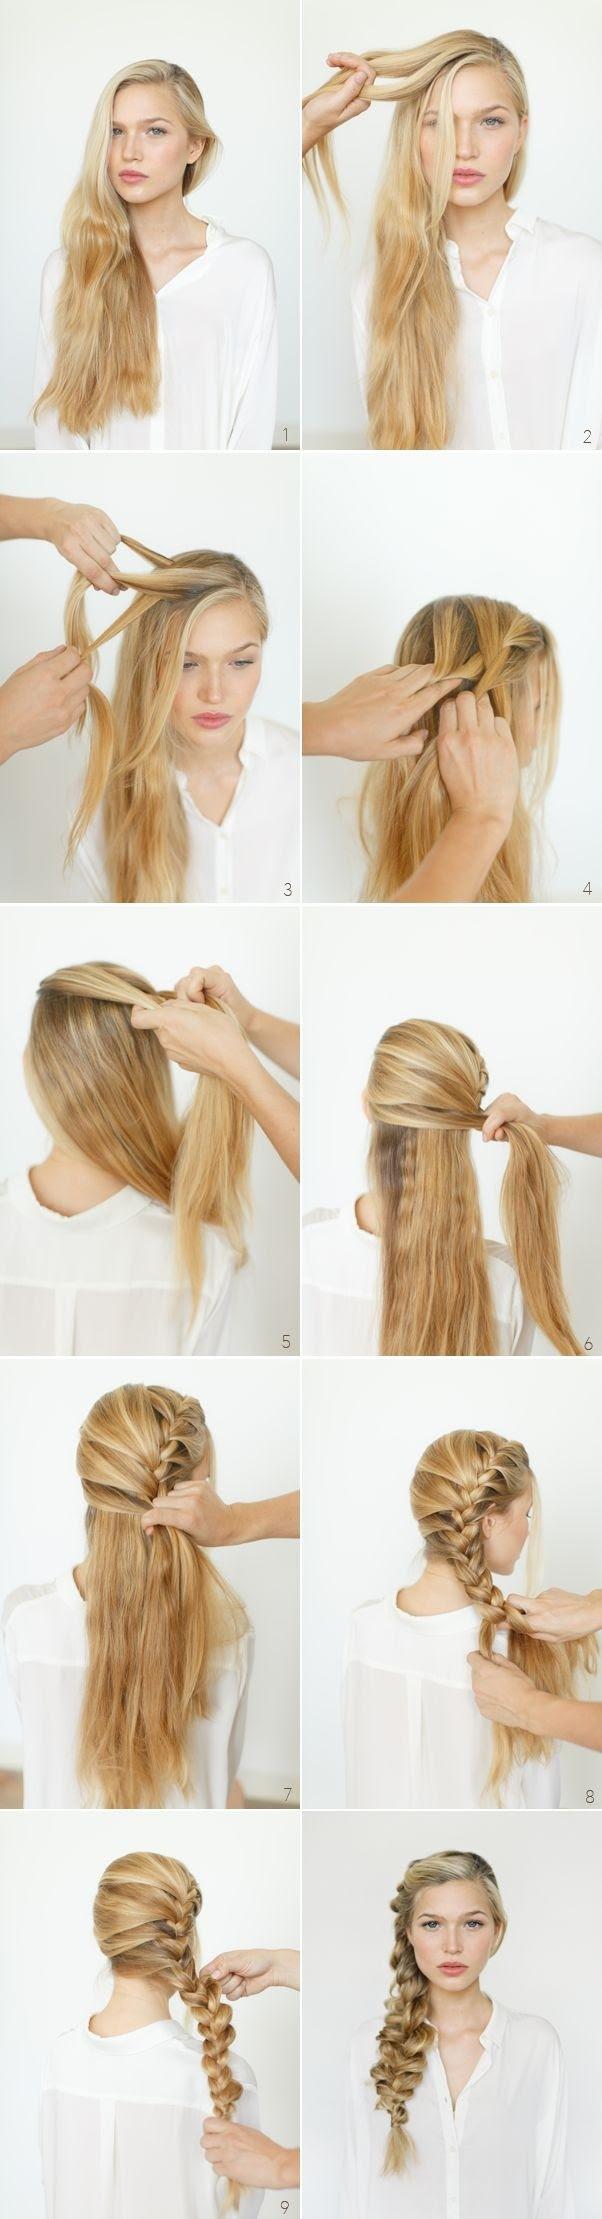 8 Cute Braided Hairstyles For Girls Long Hair Ideas PoPular Haircuts